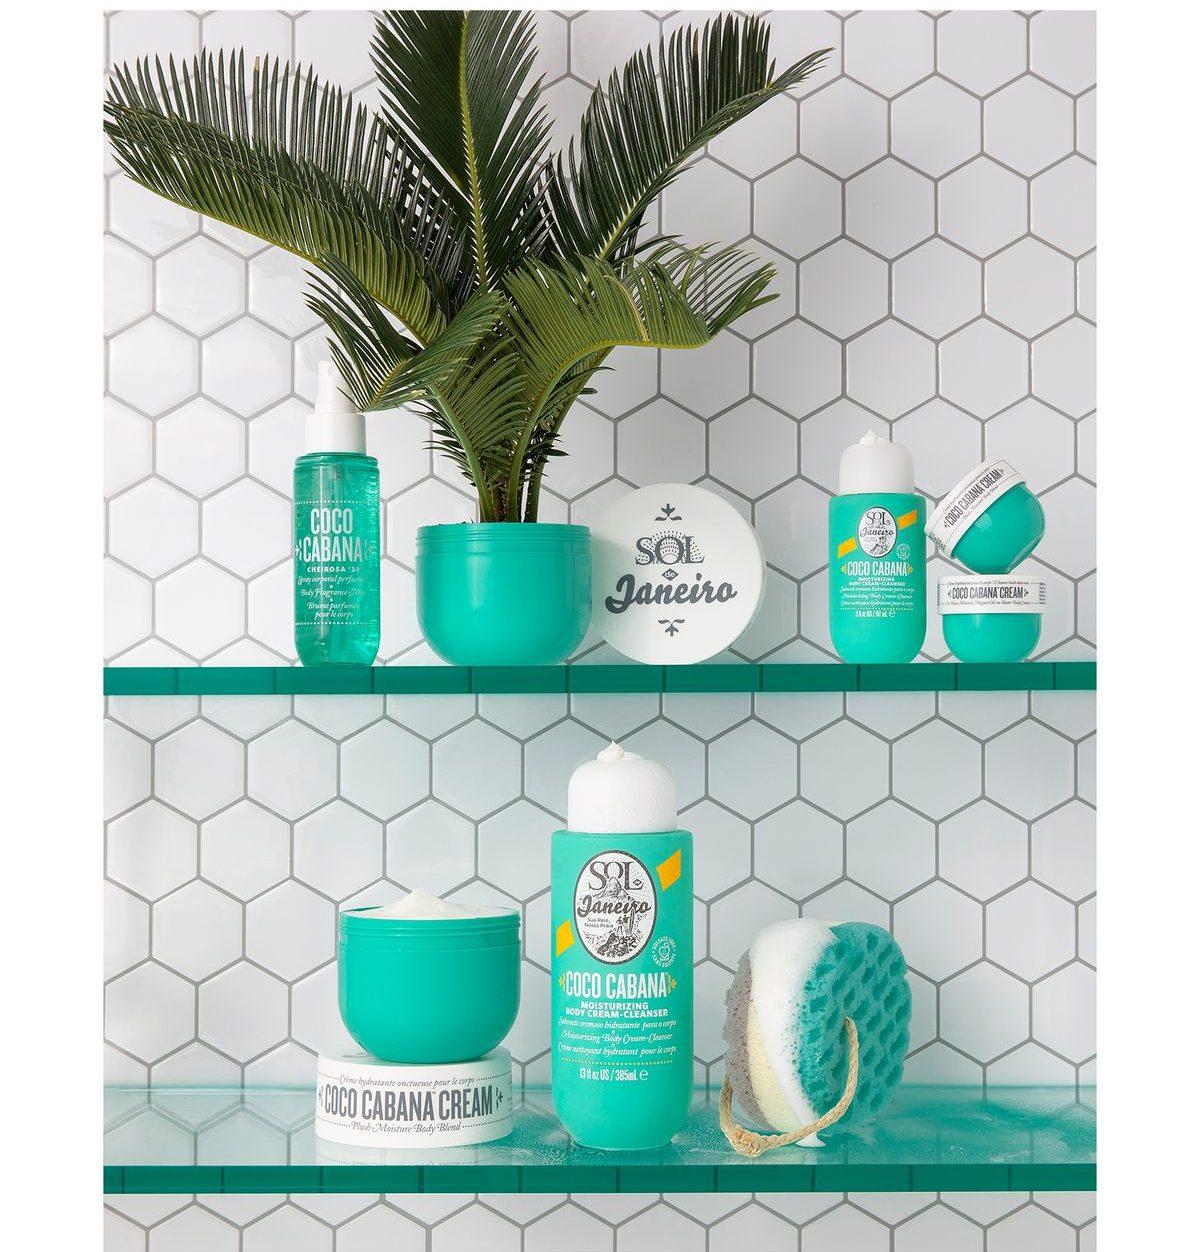 Sol de Janeiro Coco Cabana Moisturizing Body Cream Cleanser